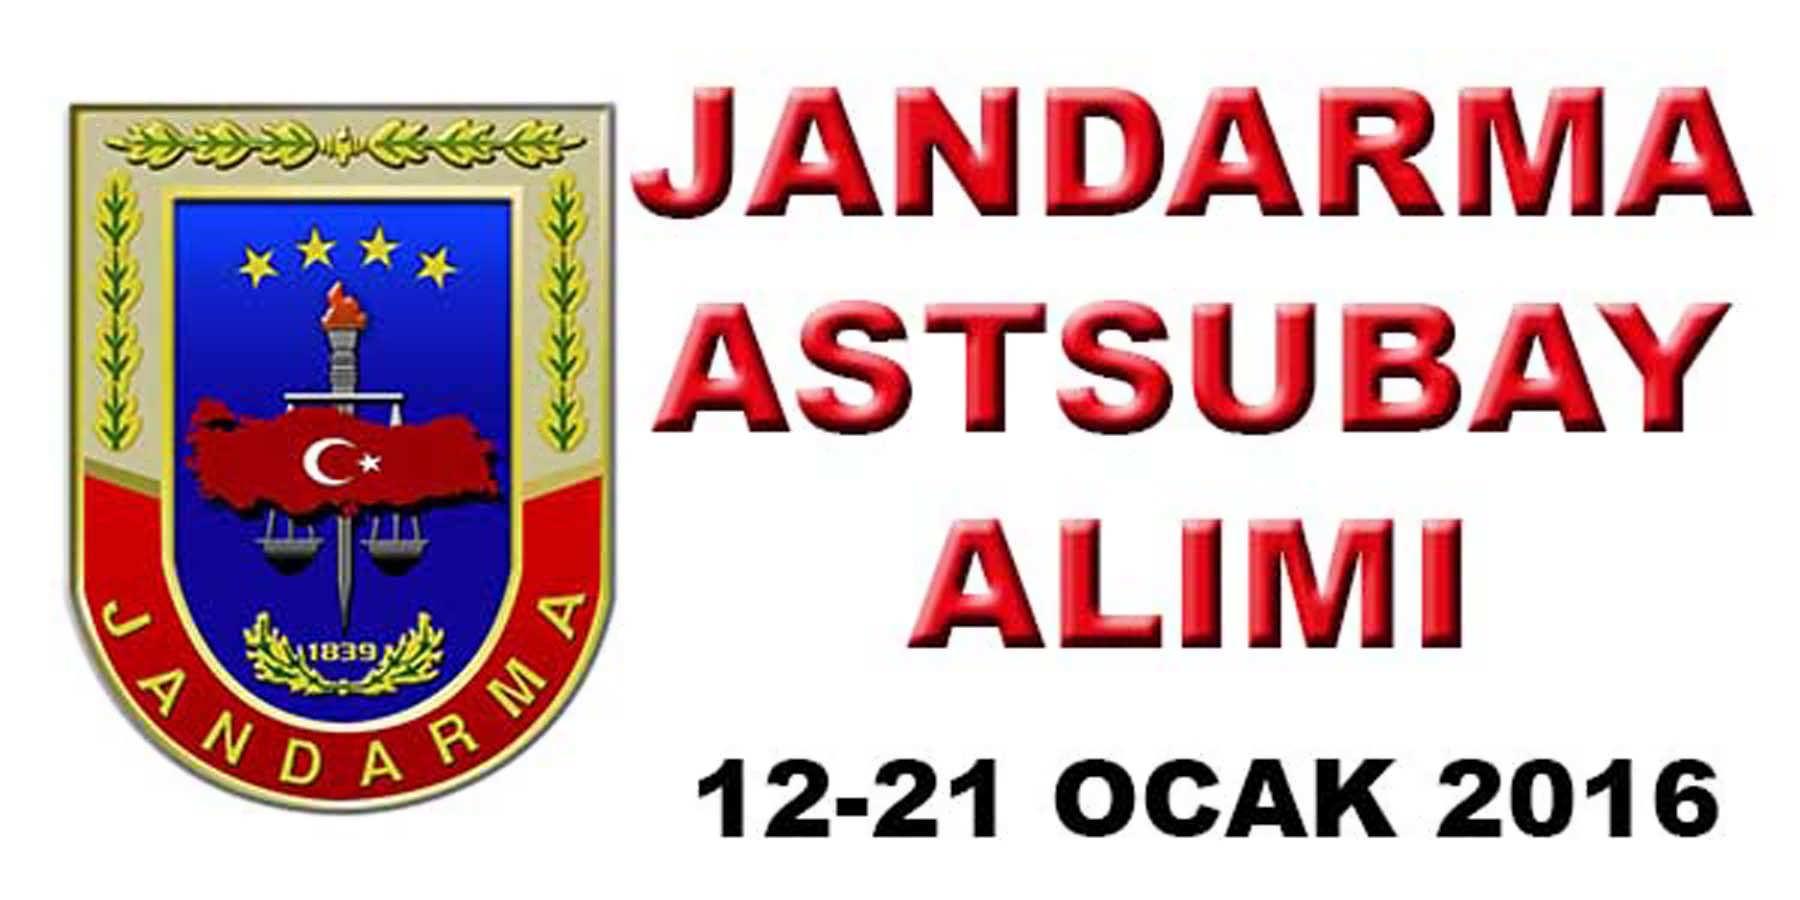 Jandarma Astsubay Alımı 2016 Başladı